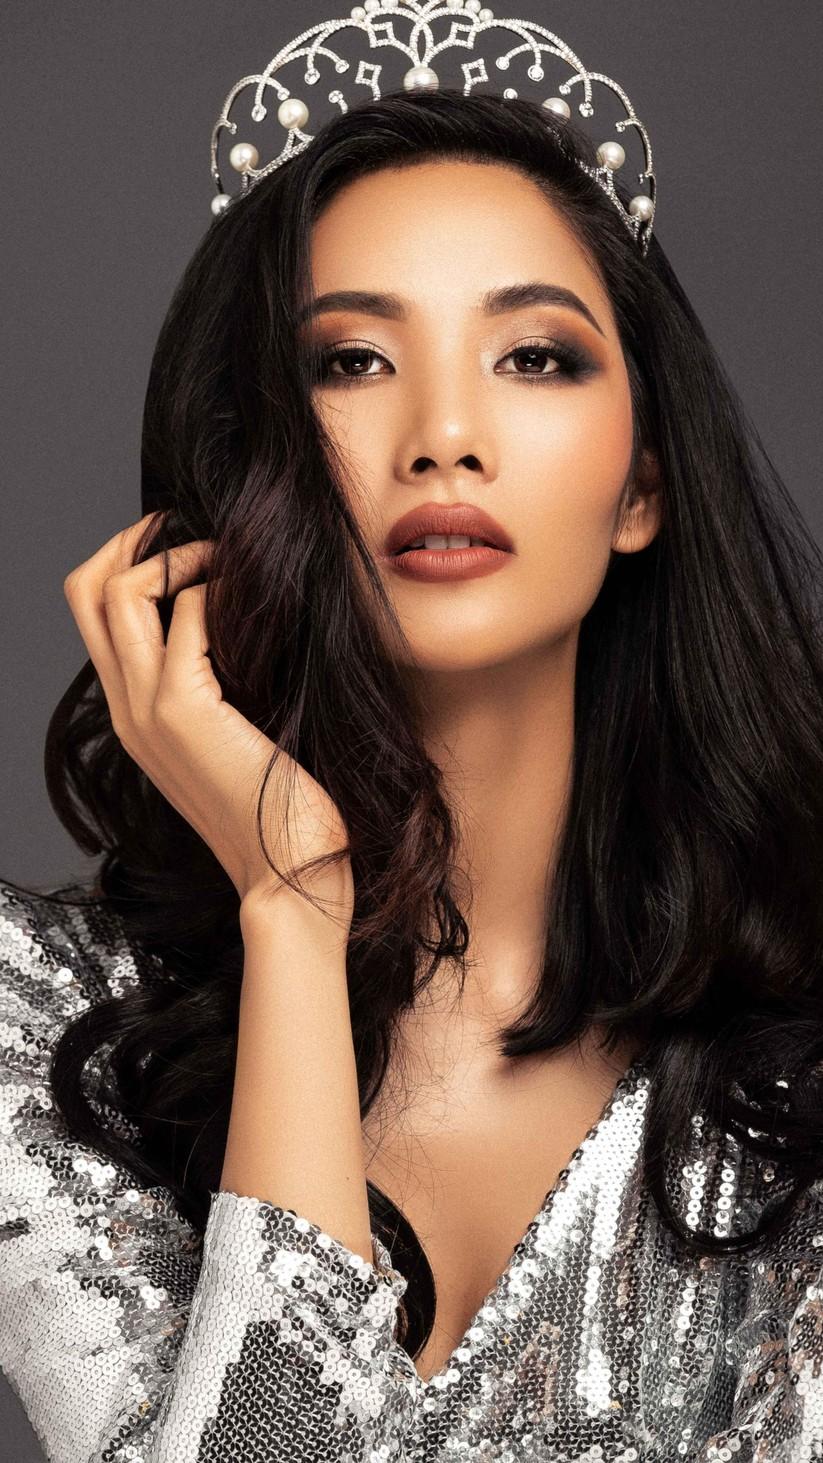 """Hoàng Thùy quá áp lực với """"gánh nặng"""" Top 5 của hoa hậu H'Hen Niê ảnh 4"""